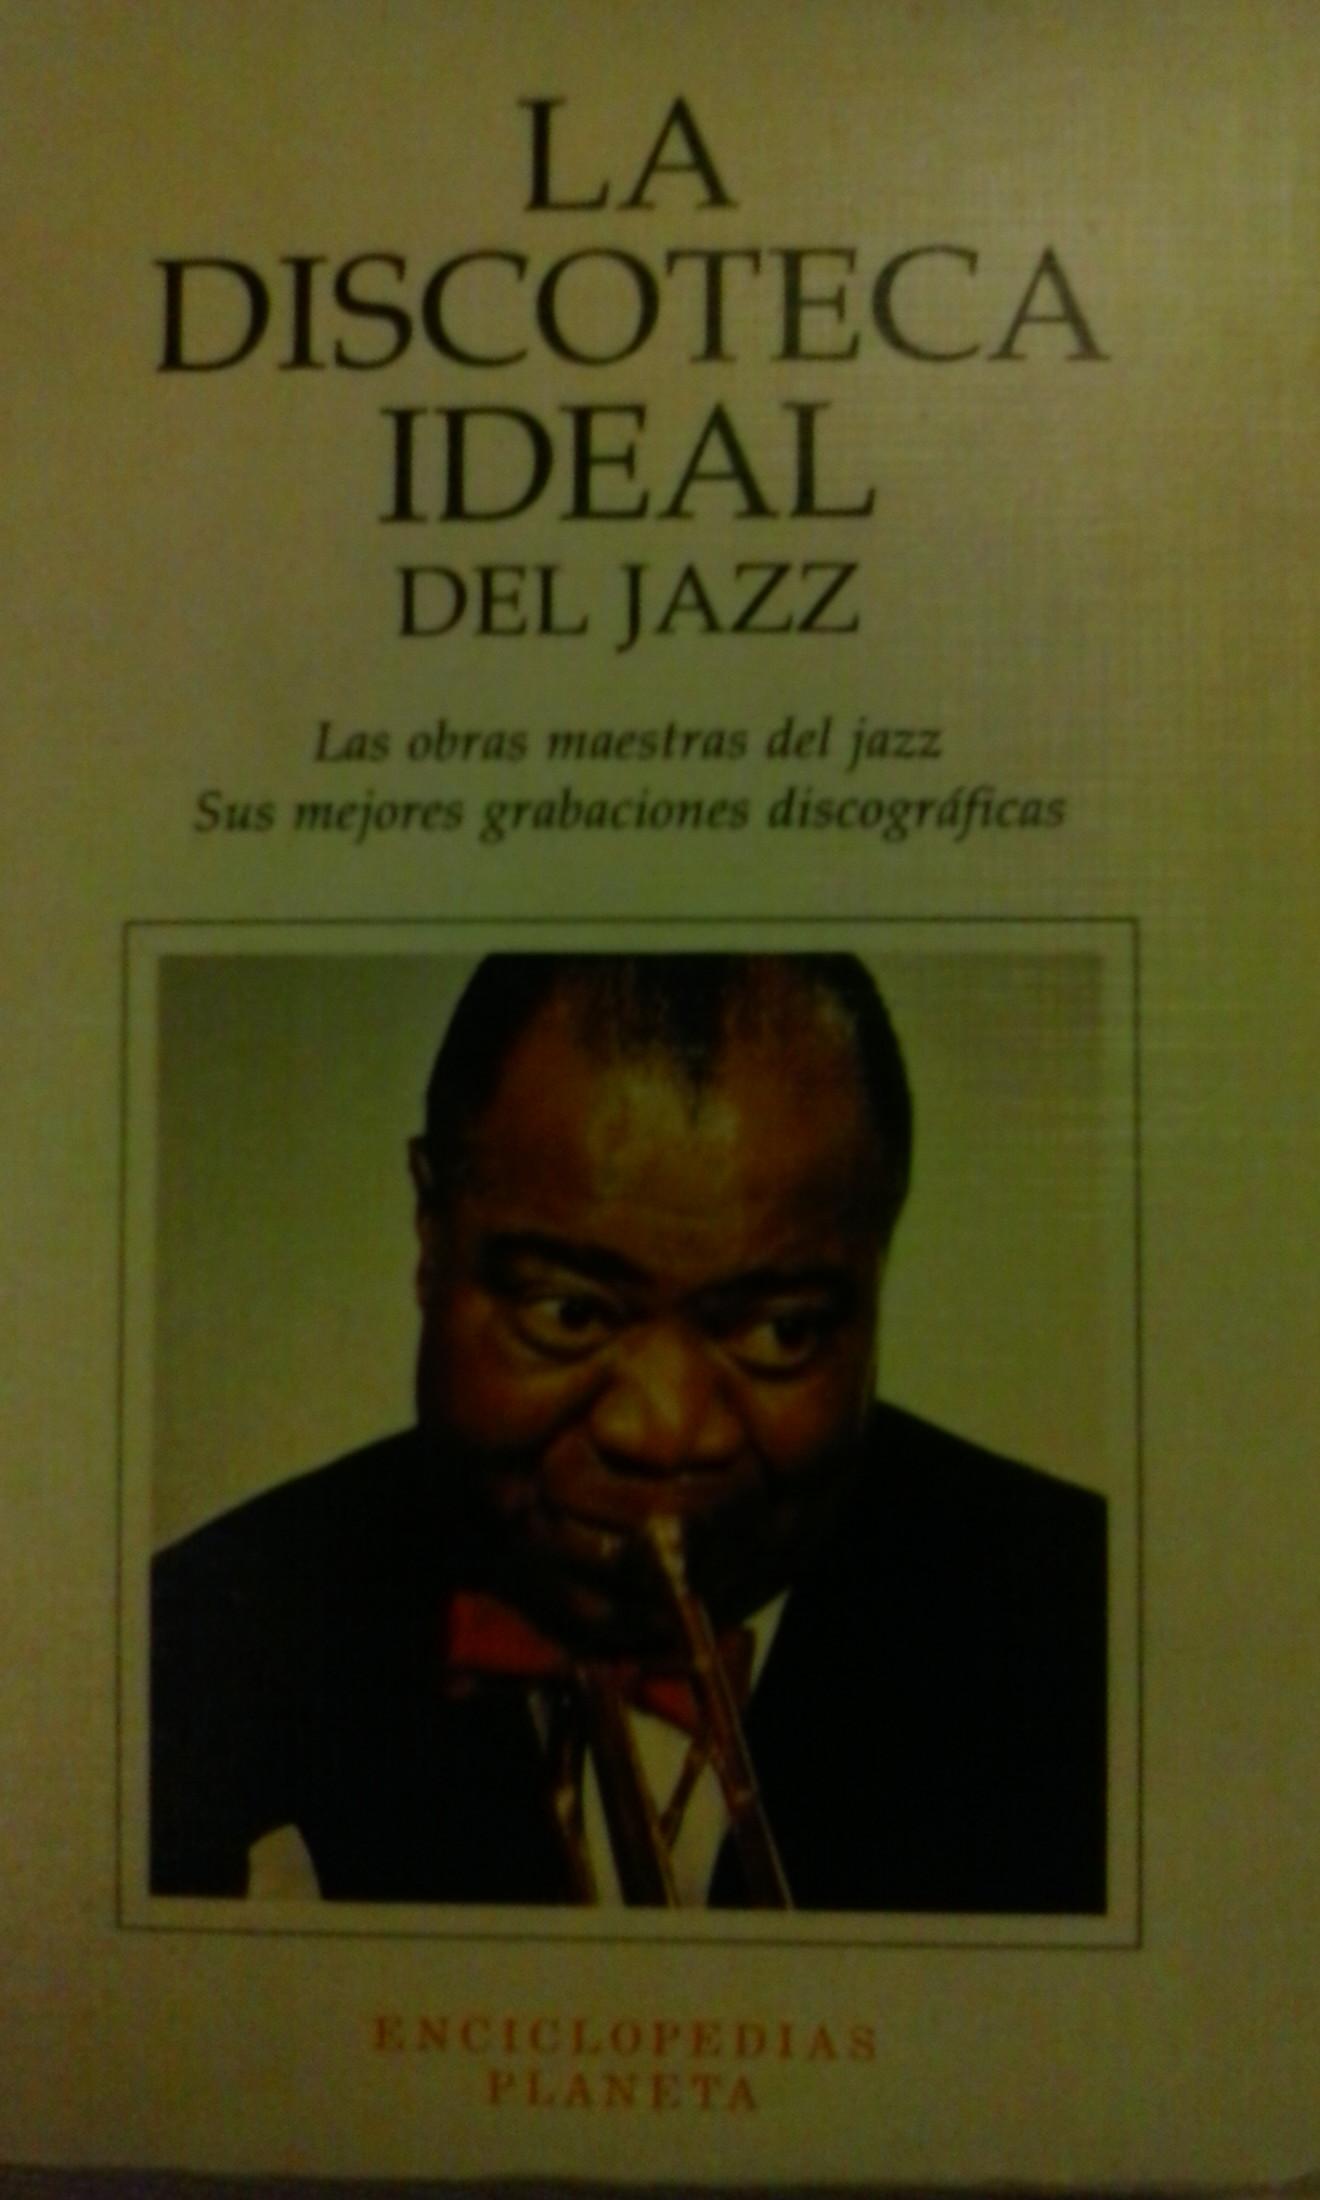 La discoteca ideal del Jazz